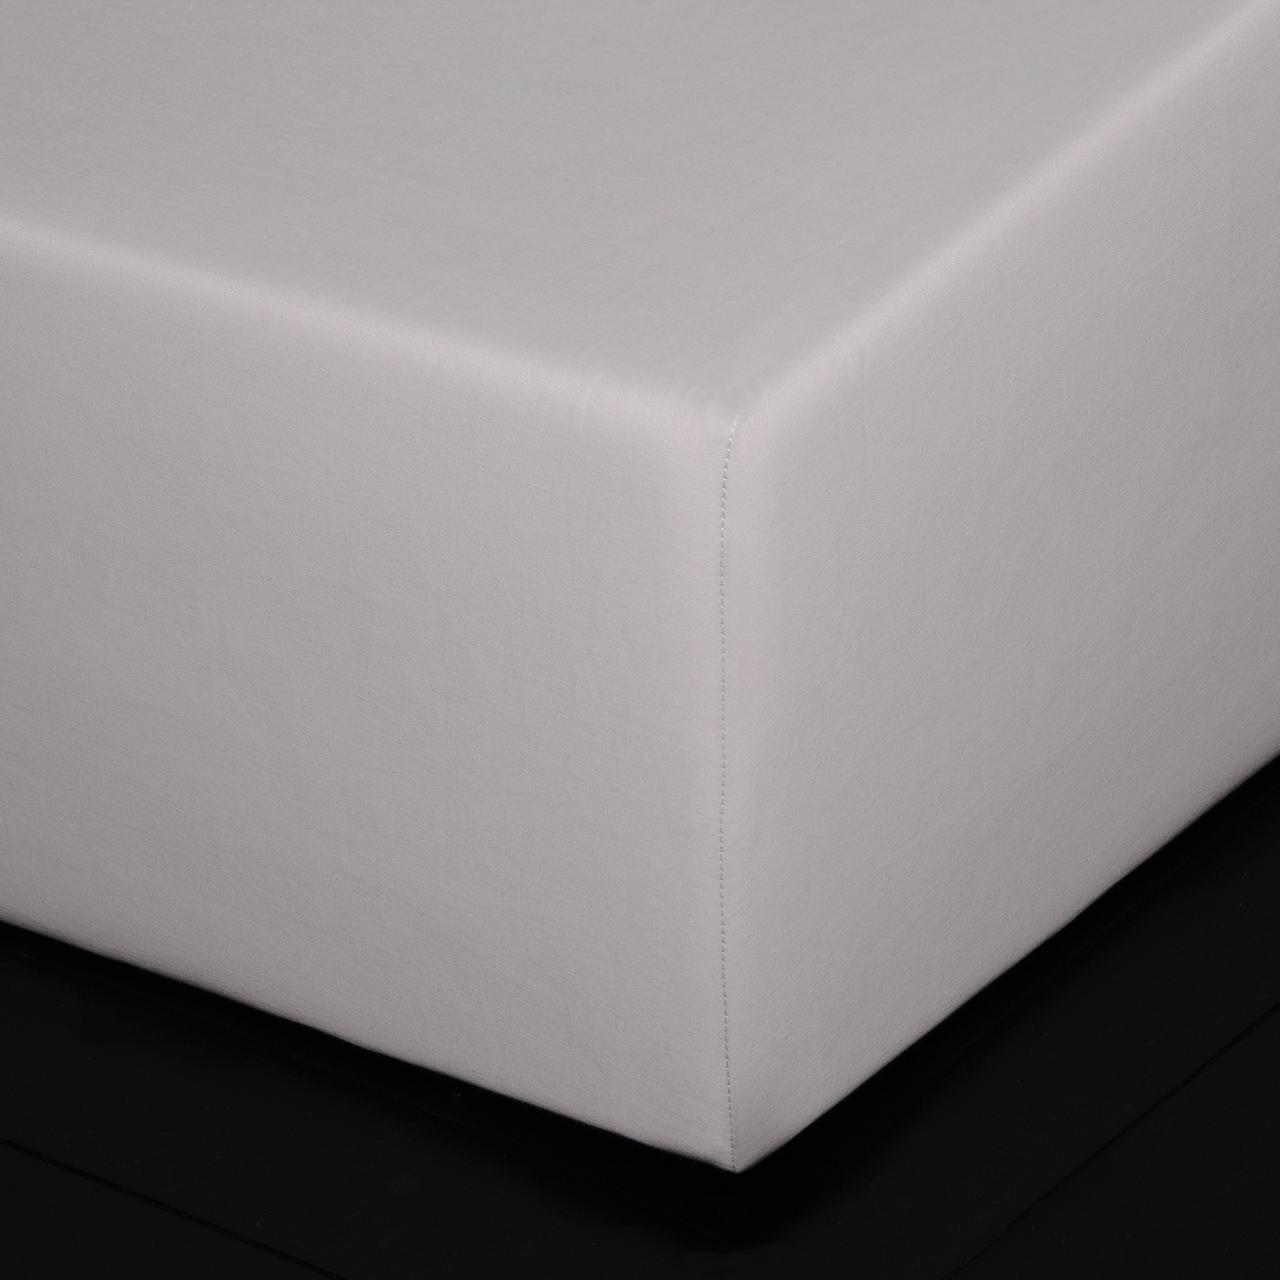 ボックスシーツ / Home Concept (ホームコンセプト) / メロディー・ ブロウ共通